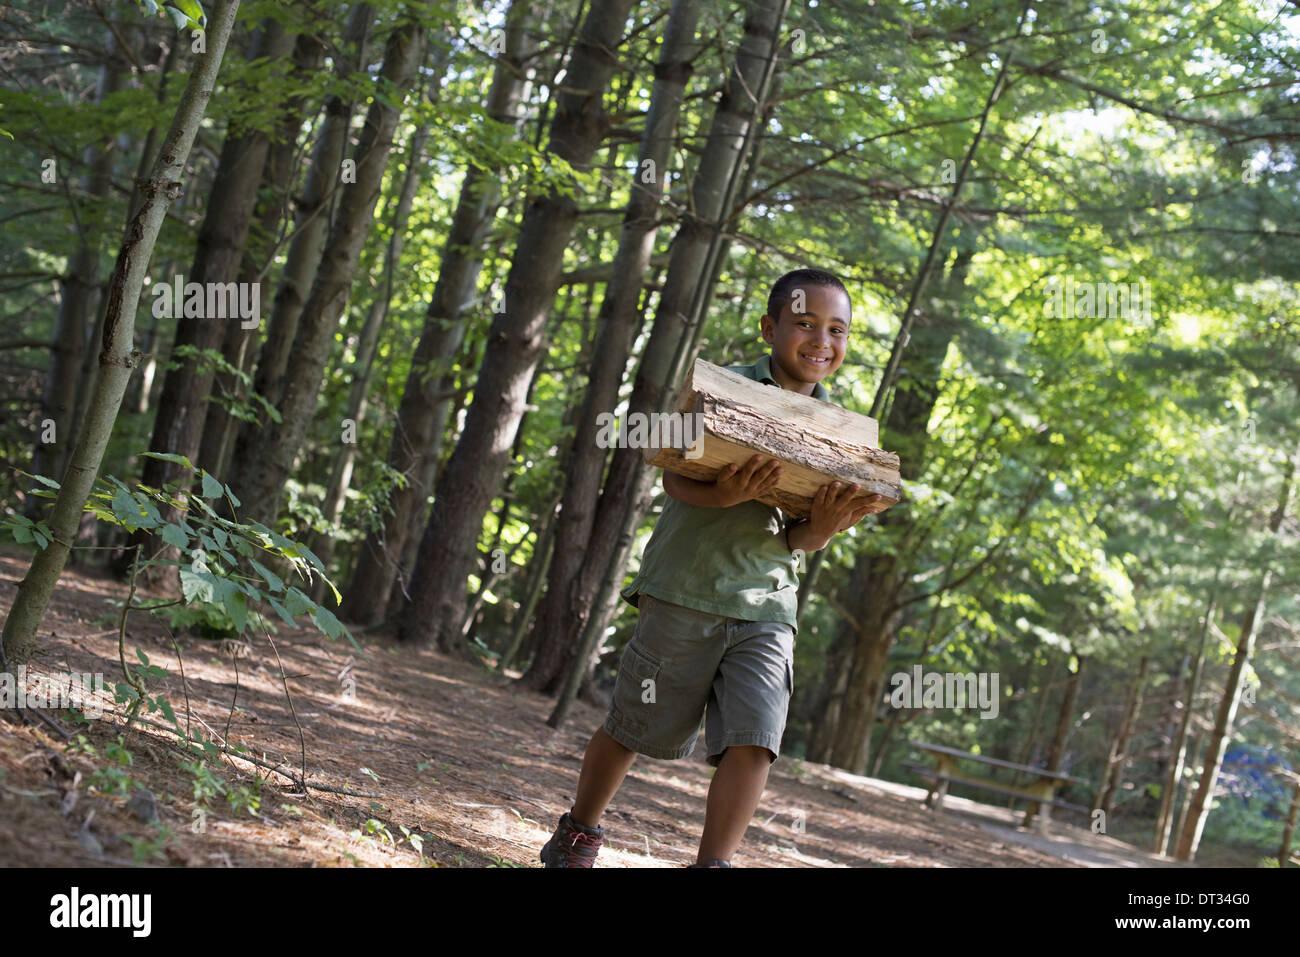 Estate un ragazzo che trasportano legna da ardere attraverso i boschi Immagini Stock